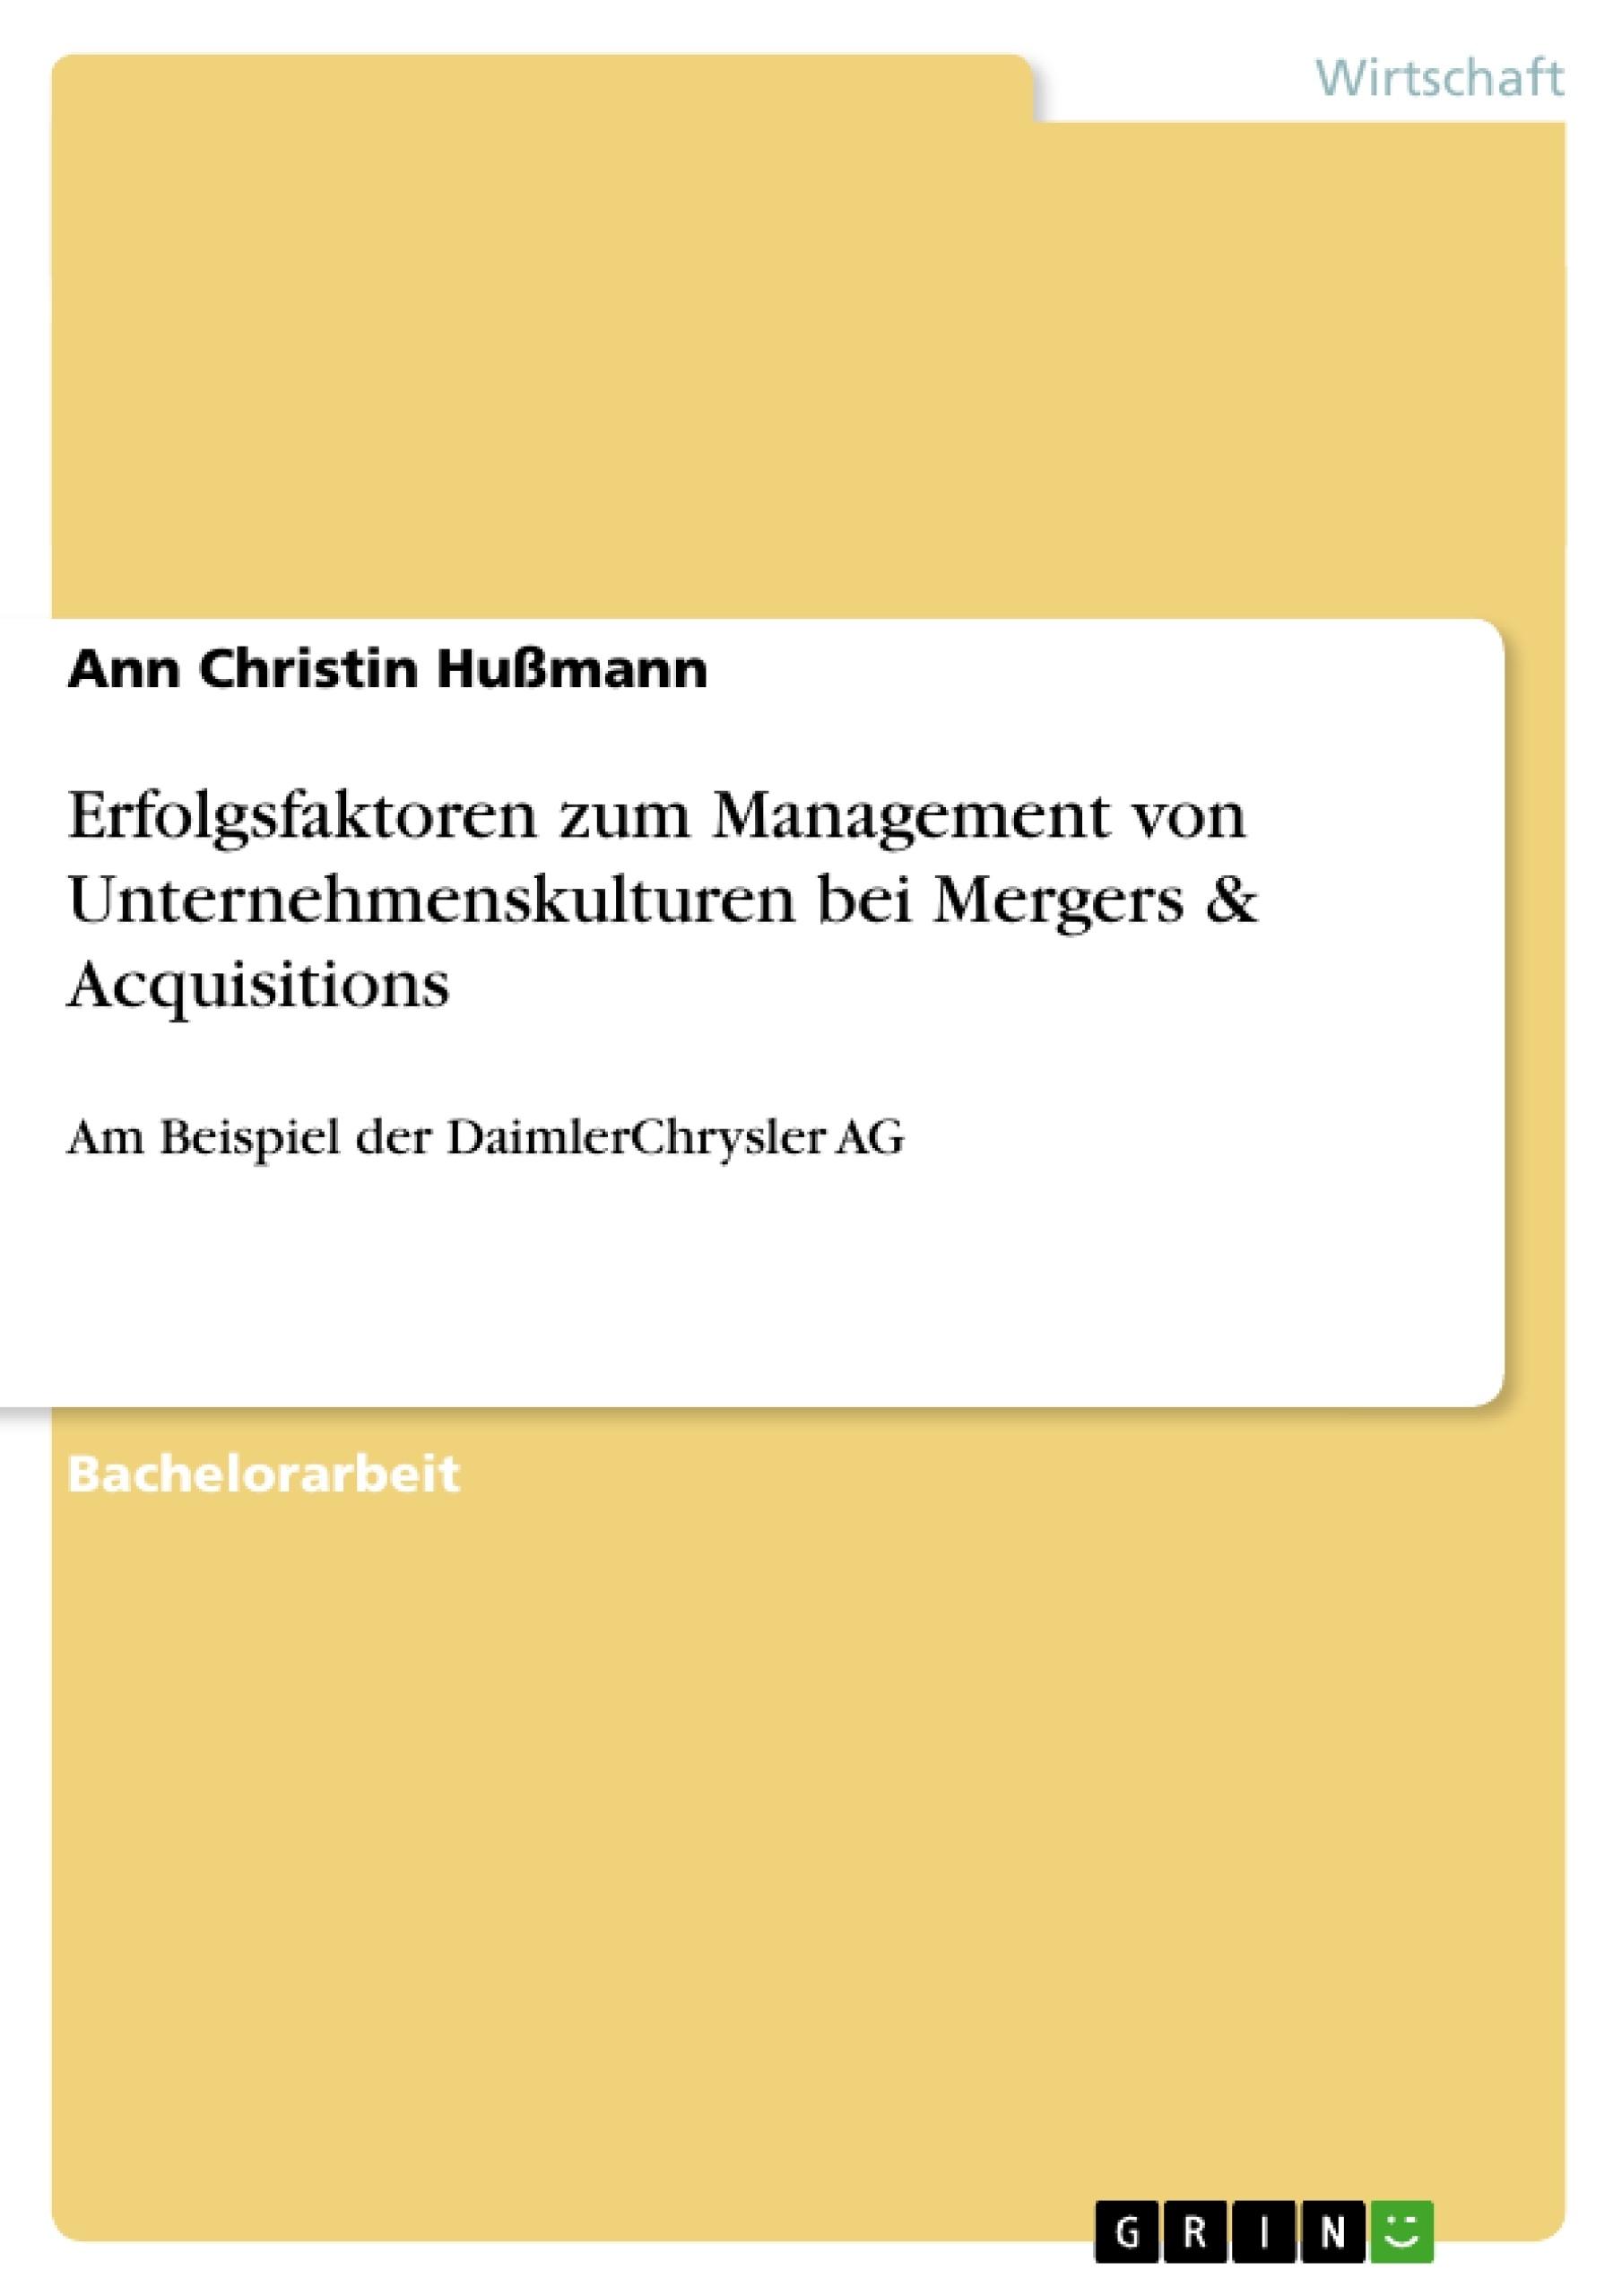 Titel: Erfolgsfaktoren zum Management von Unternehmenskulturen bei Mergers & Acquisitions